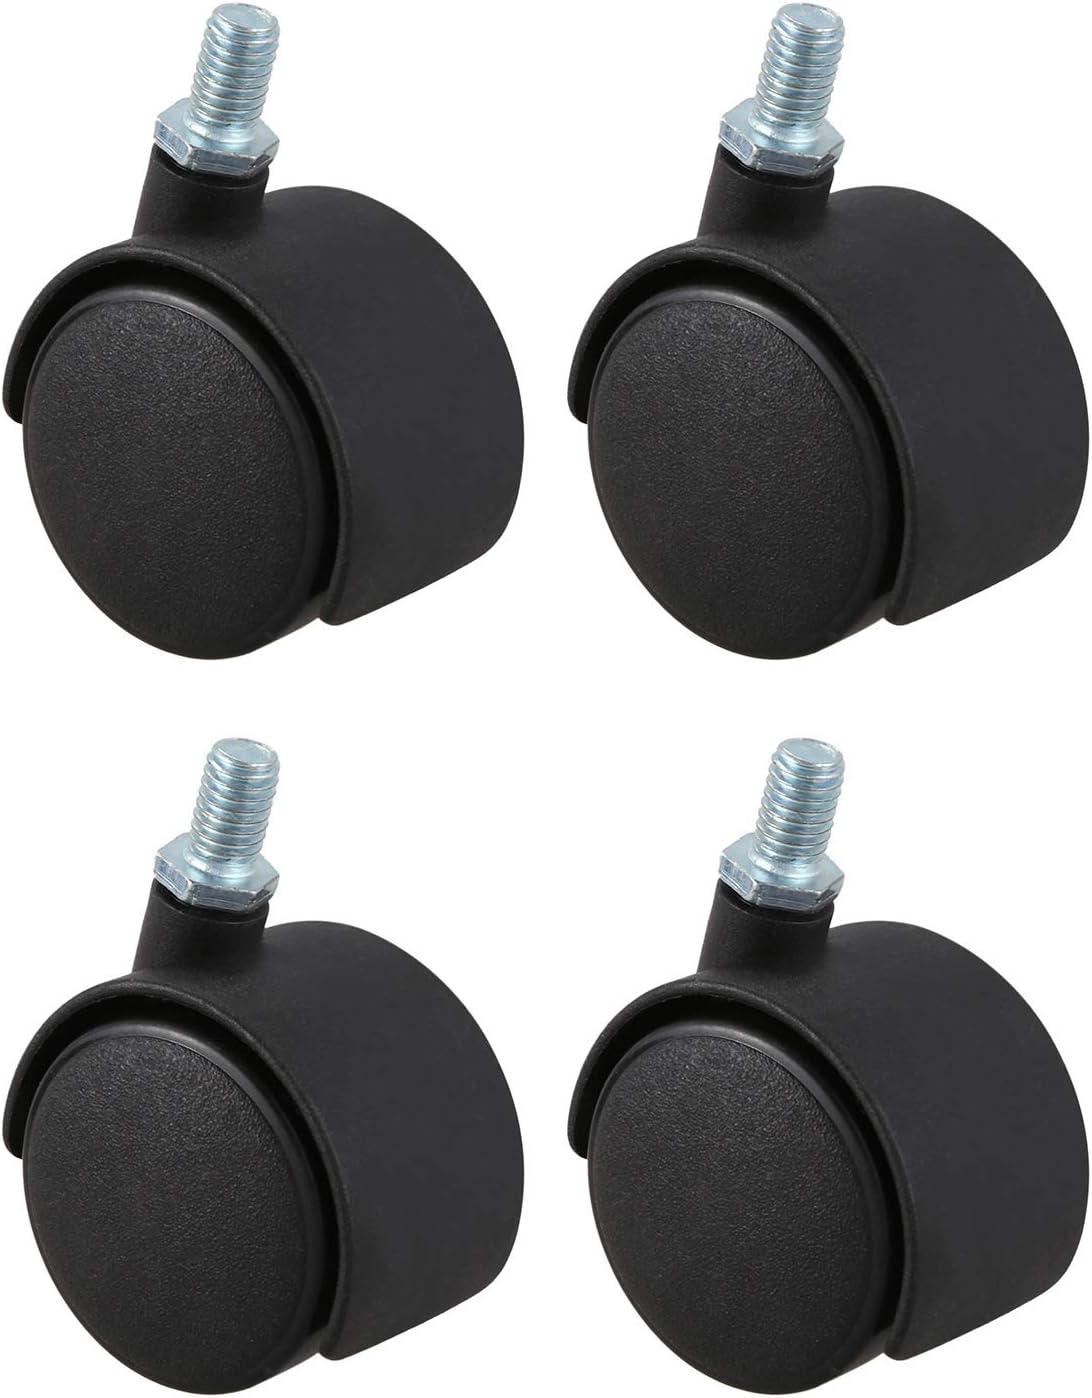 LQNB Roulette pivotante en plastique 8mm Tige filetee diametre de roue de 1,5 pouces 4 Pcs Noir